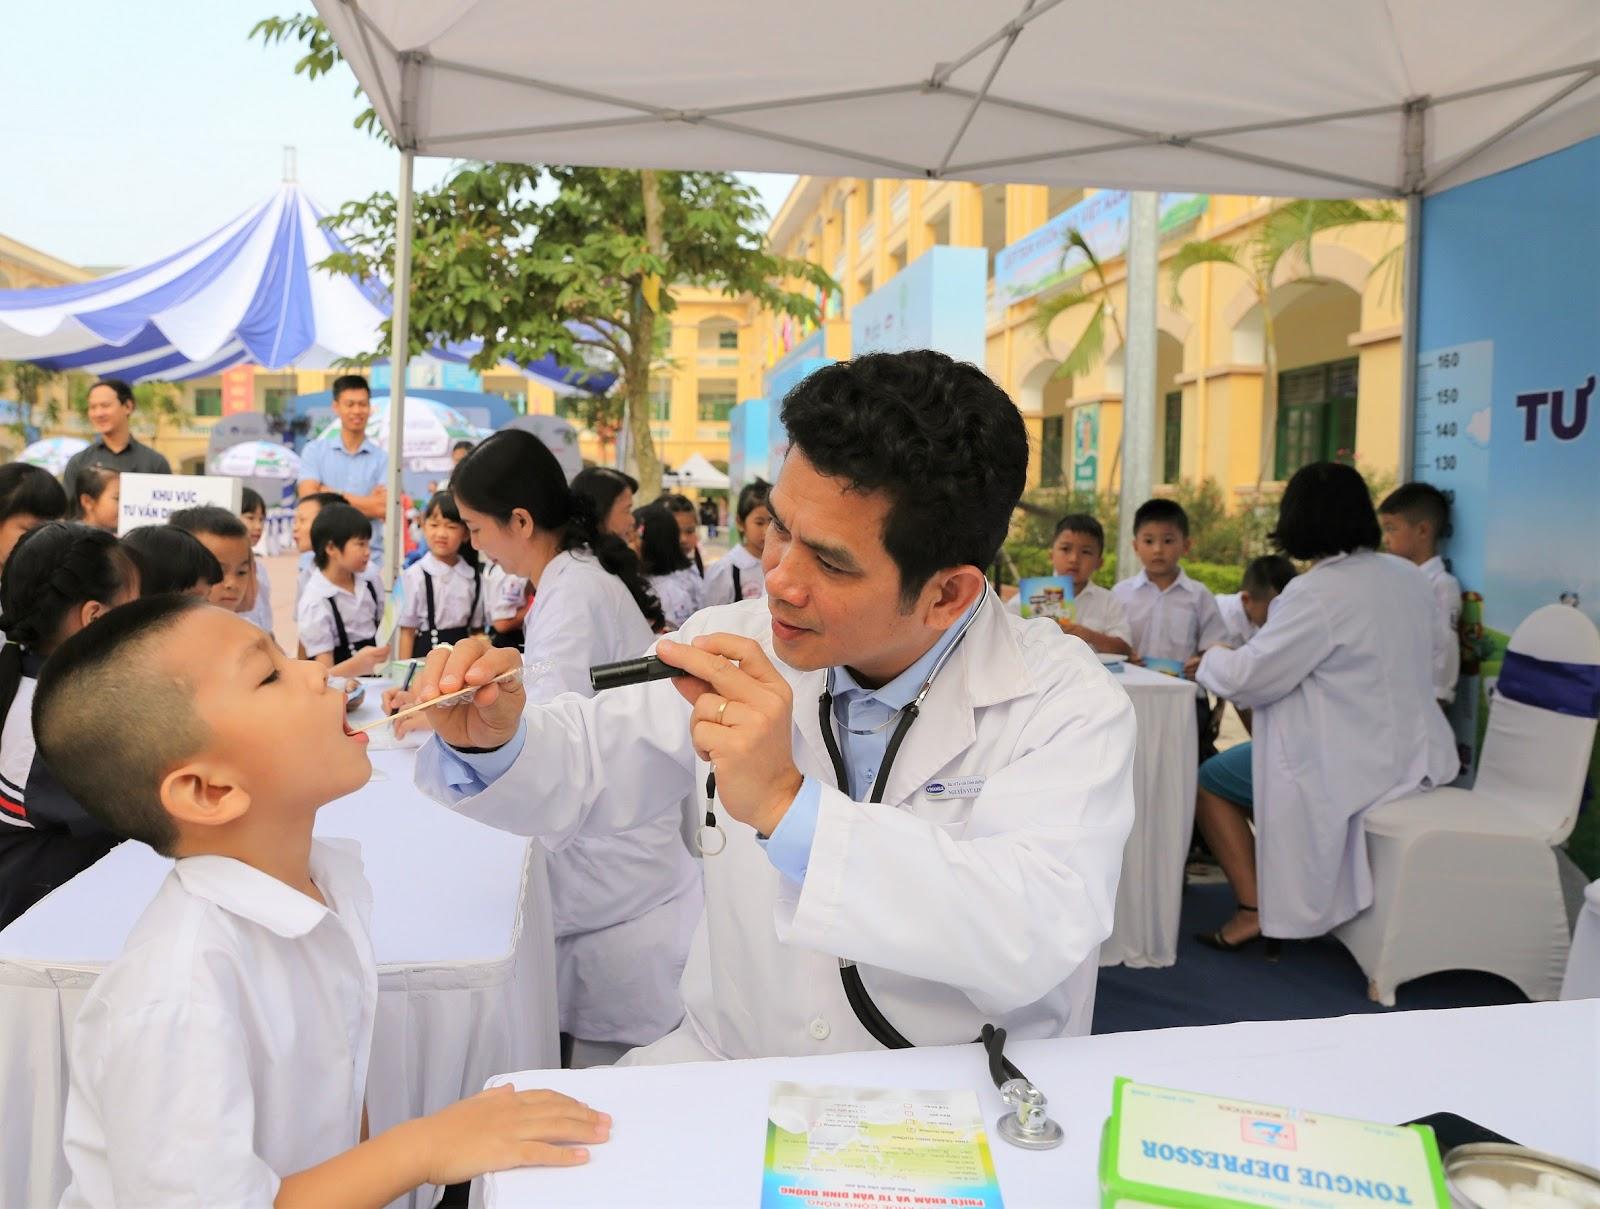 Tạichương trình, các em học sinh được các bác sĩ của Trung tâm Tư vấn Dinh dưỡng Vinamilk trực tiếp khám và tư vấn dinh dưỡng miễn phí.